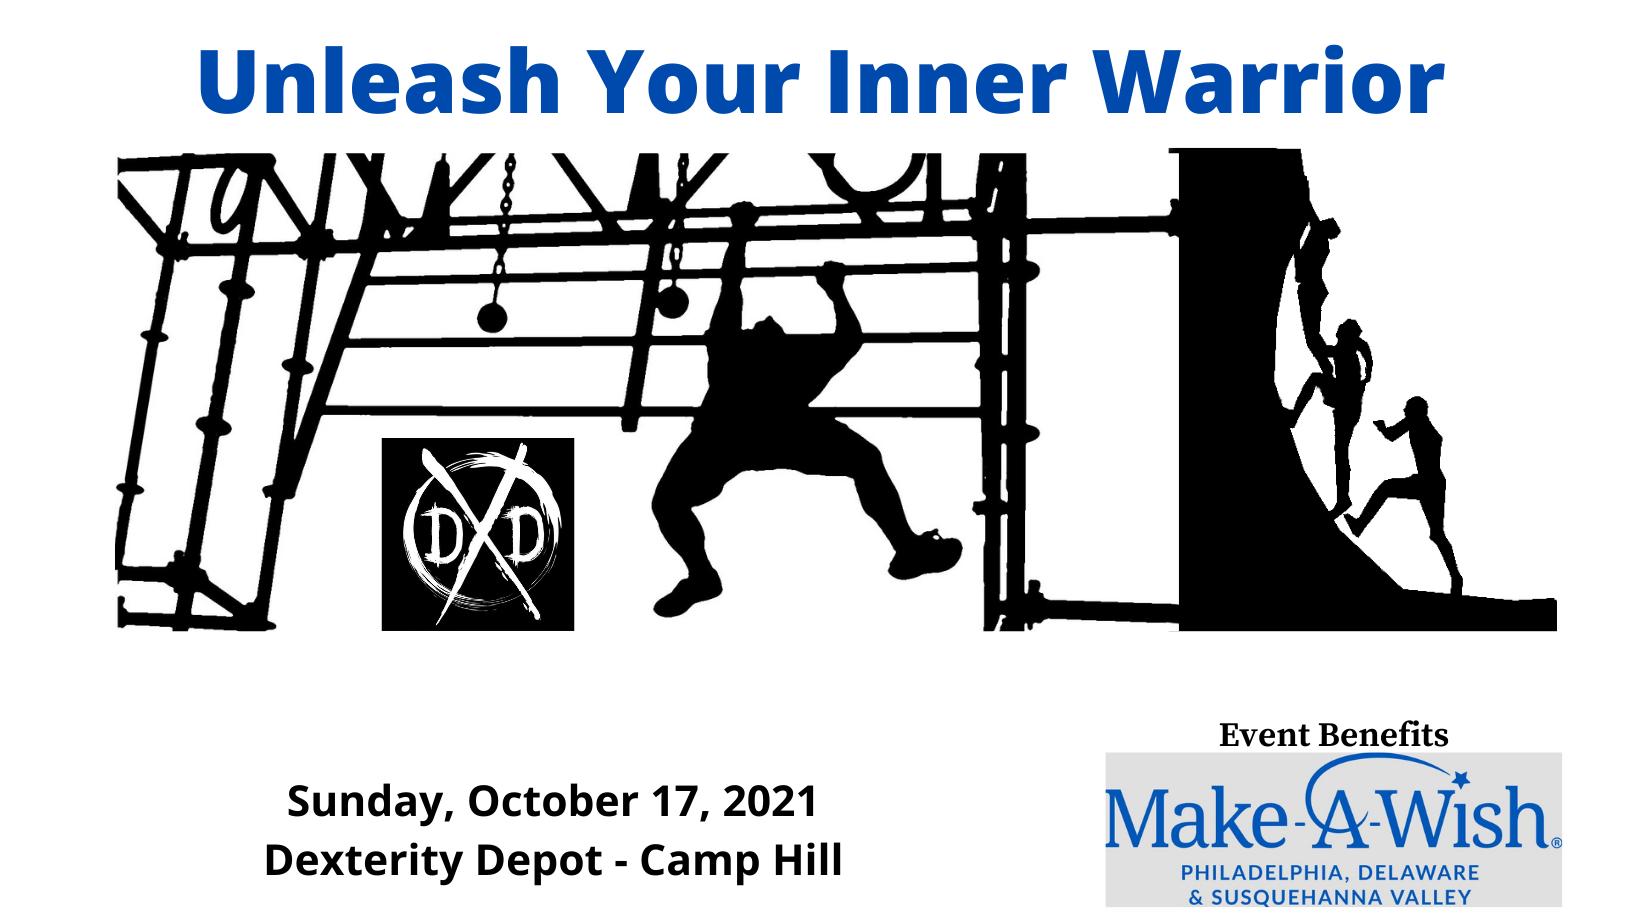 Unleash Your Inner Warrior Event